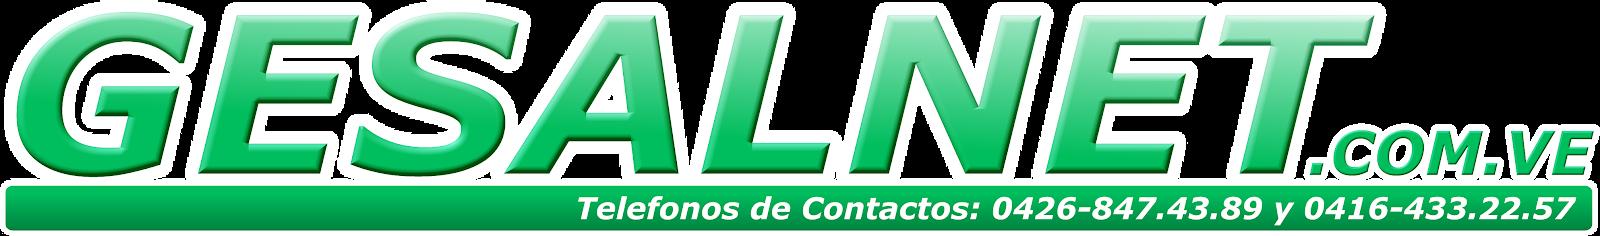 GESALNET.COM.VE - Somos tu Negocio Seguro!!! Cel. 0412-7587096